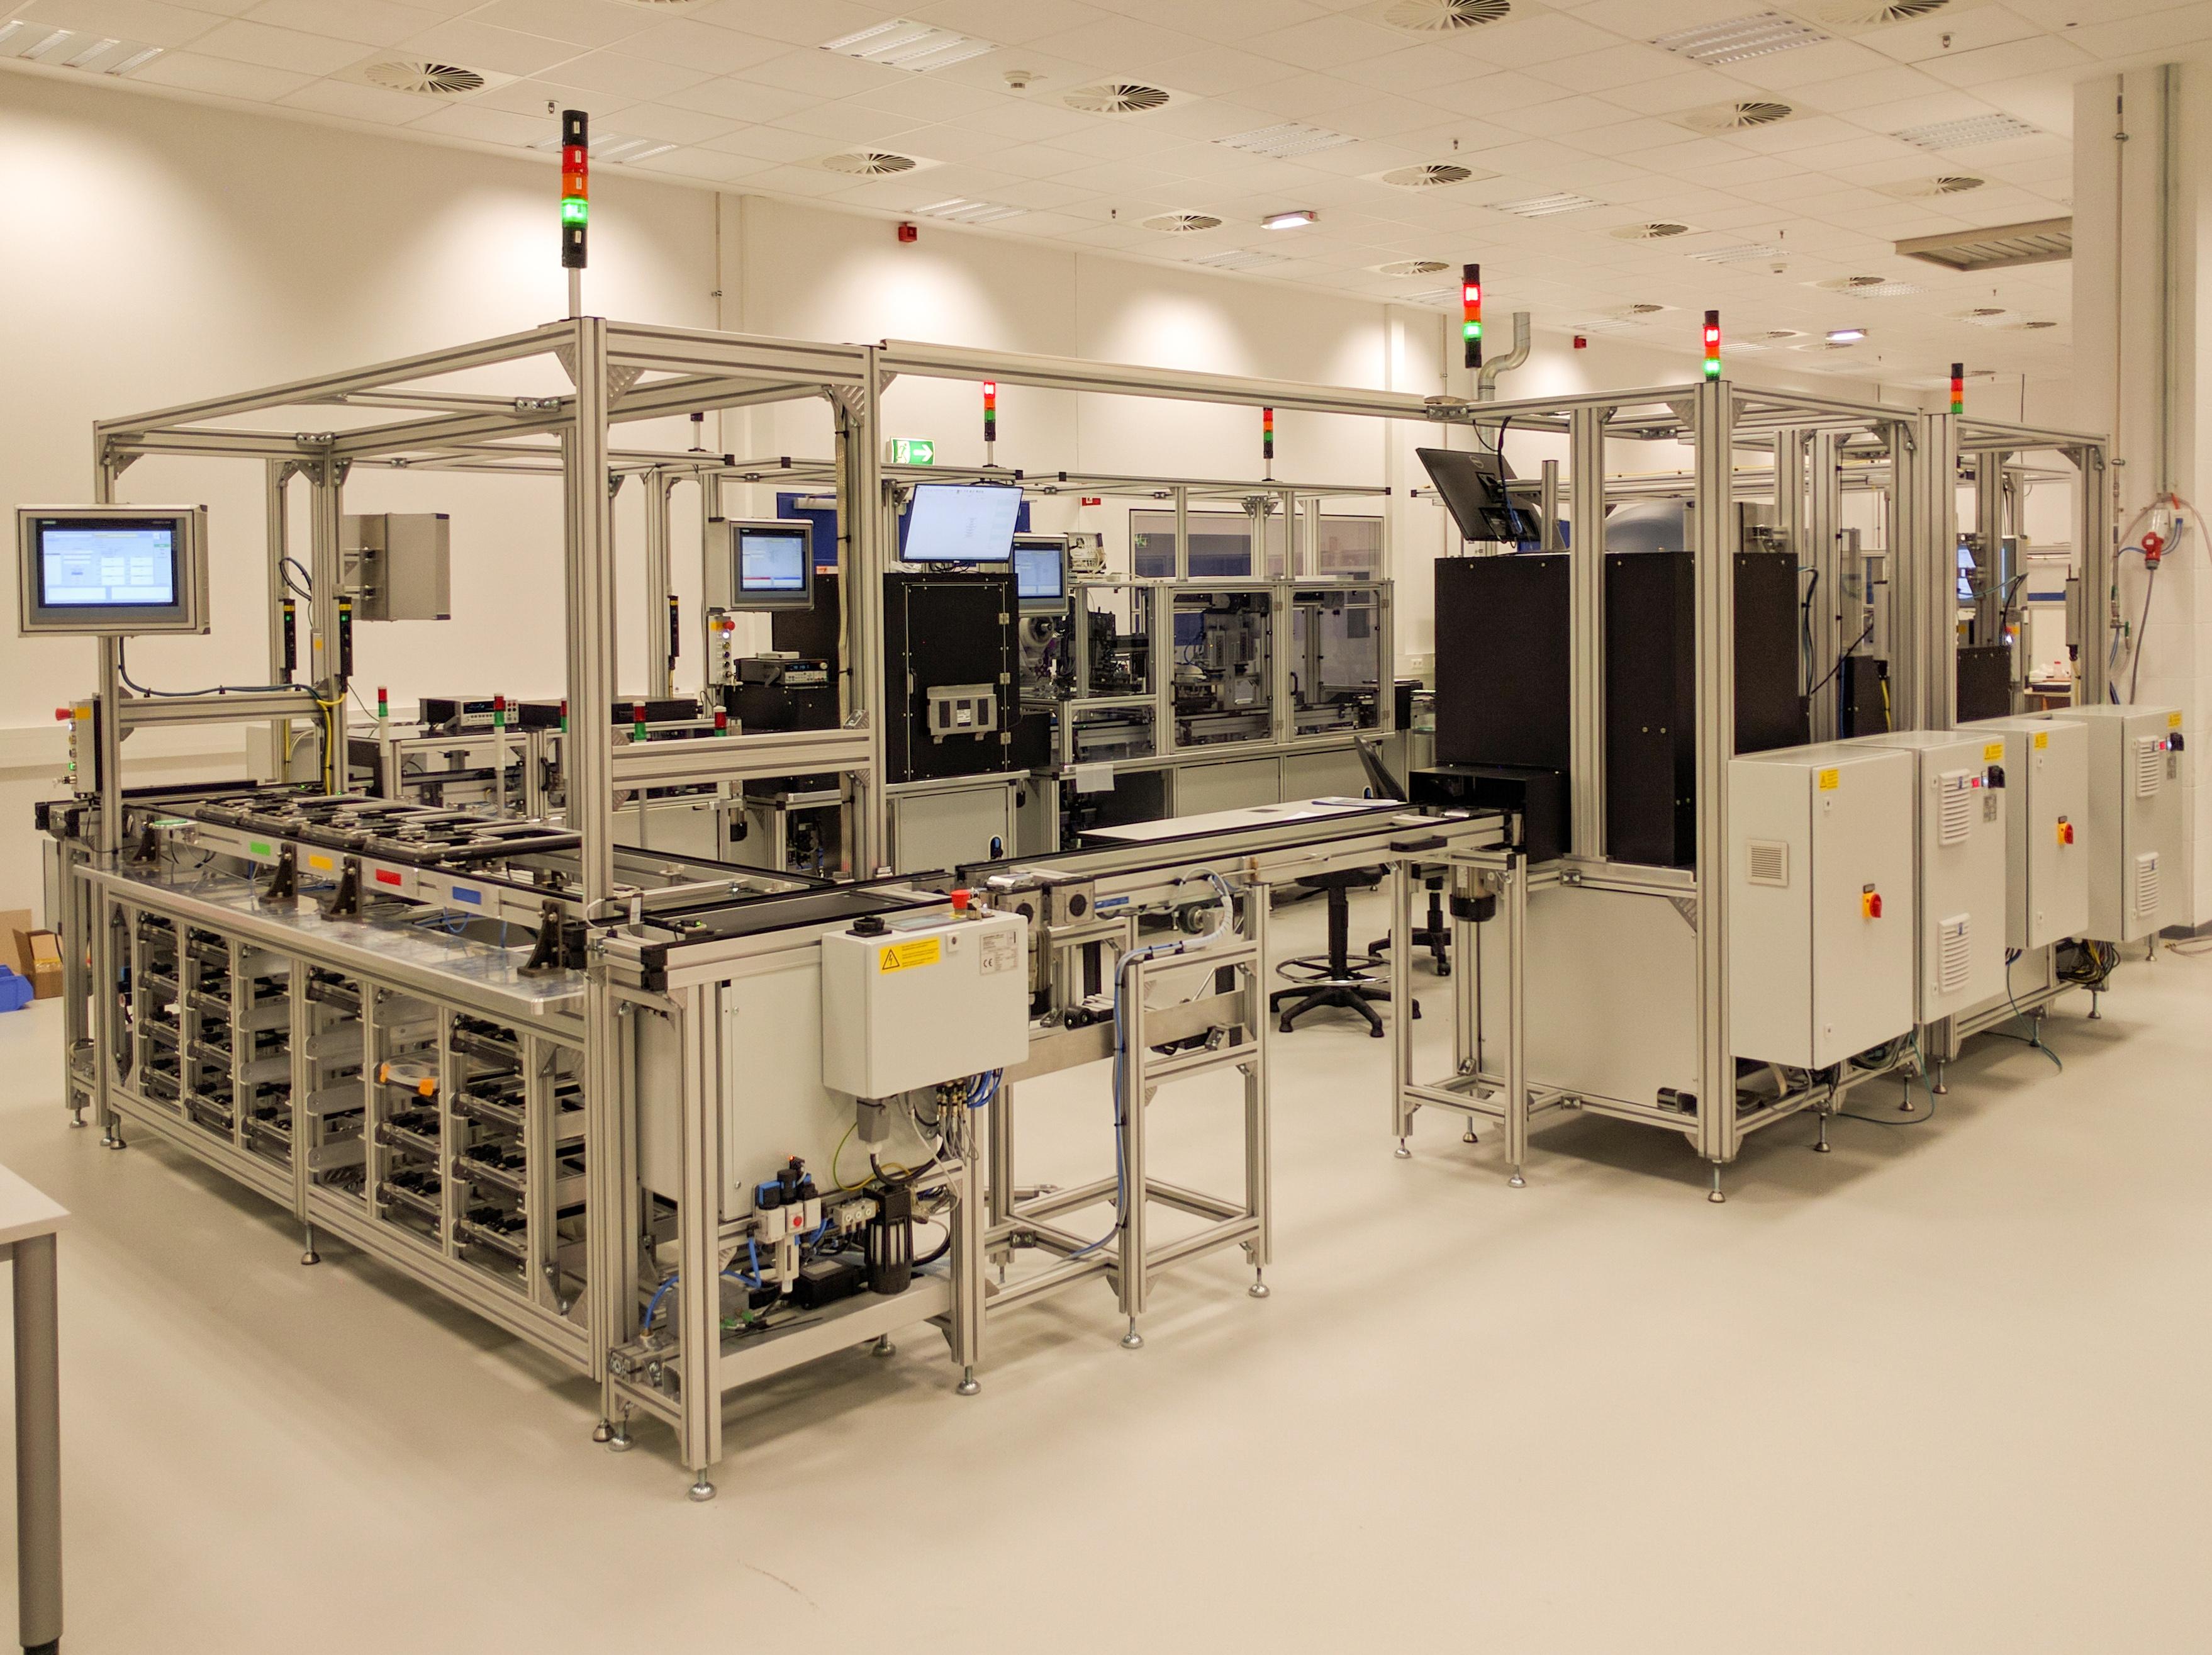 Automationstechnik automation Uhr GmbH 07629 Reichenbach Deutschland www.automation-uhr.de